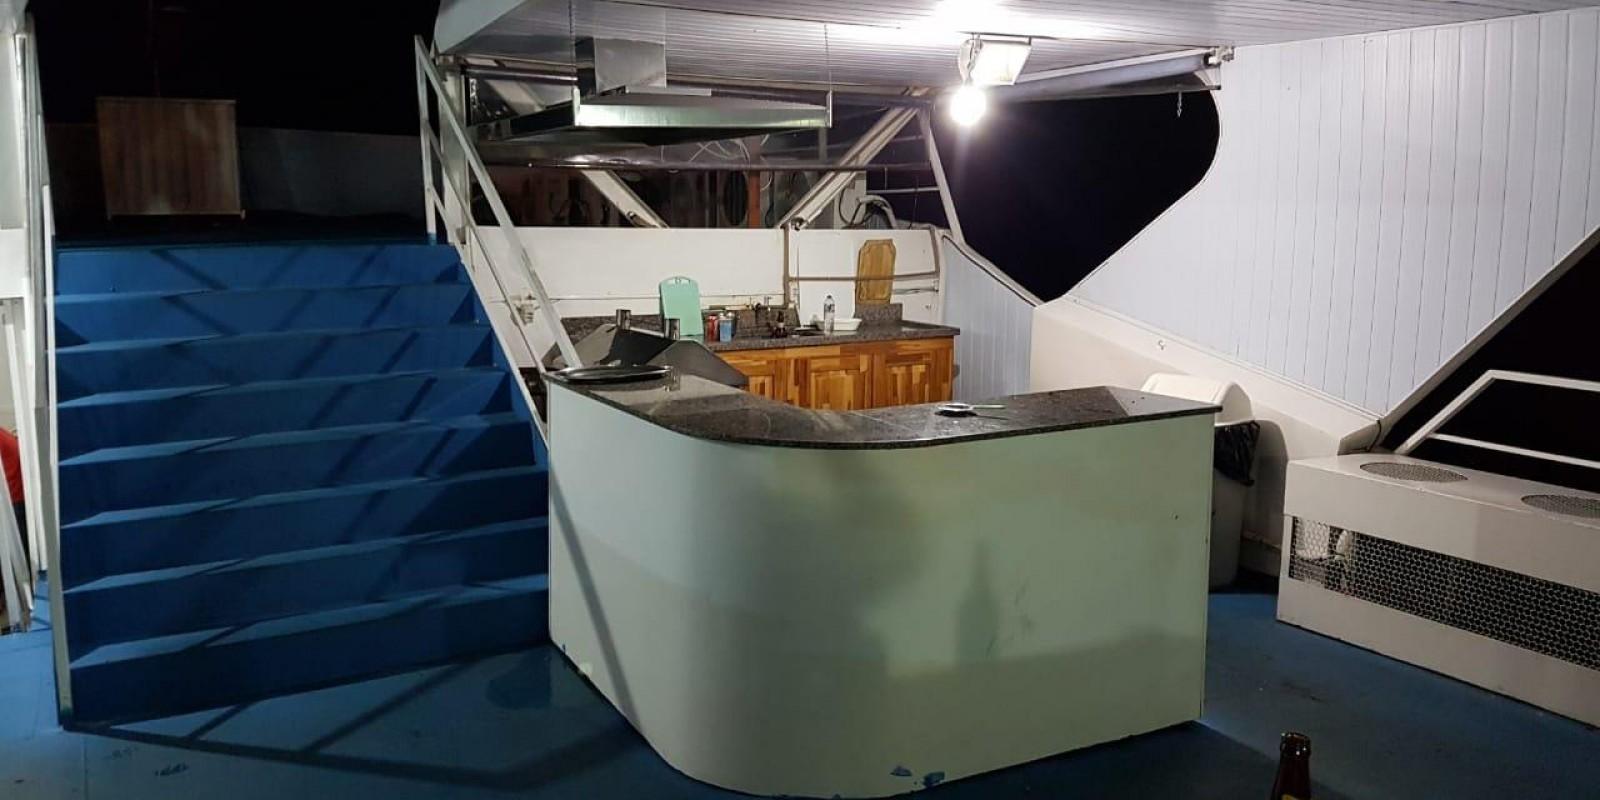 BARCO HOTEL SPORT FISHING / CACERES - Foto 1 de 14